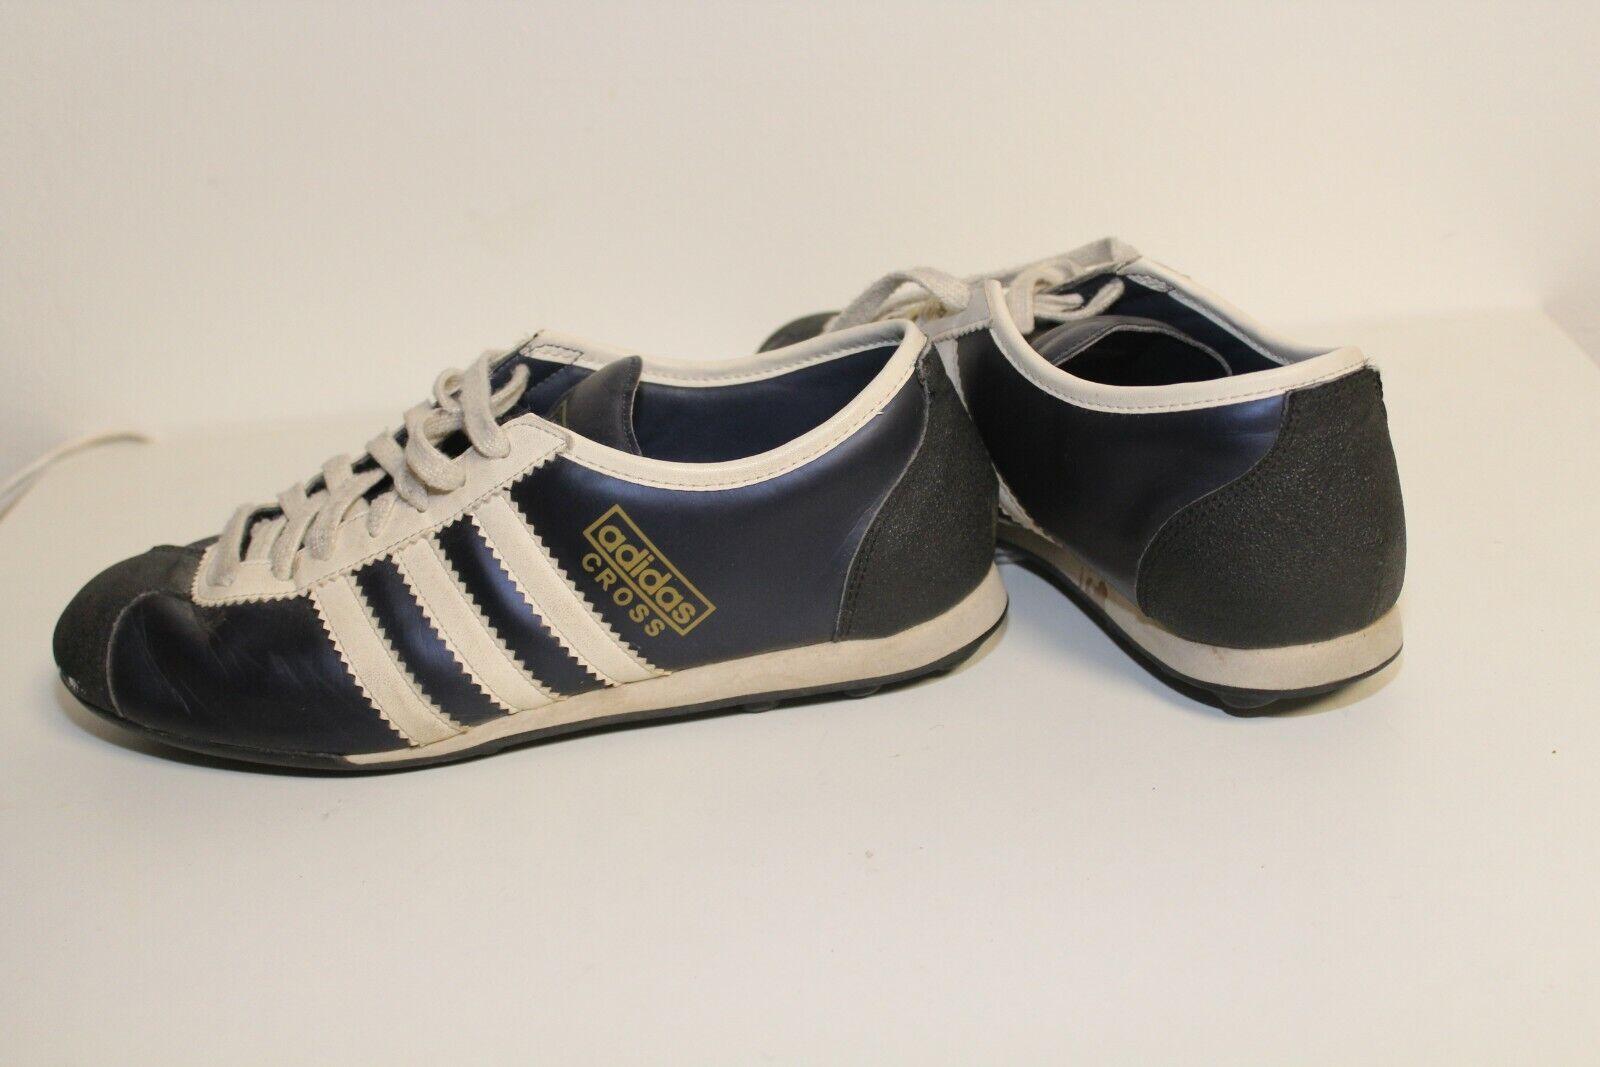 Schwarz Weiß 40 Größe in Schuhe Vintage Cross Retro Adidas